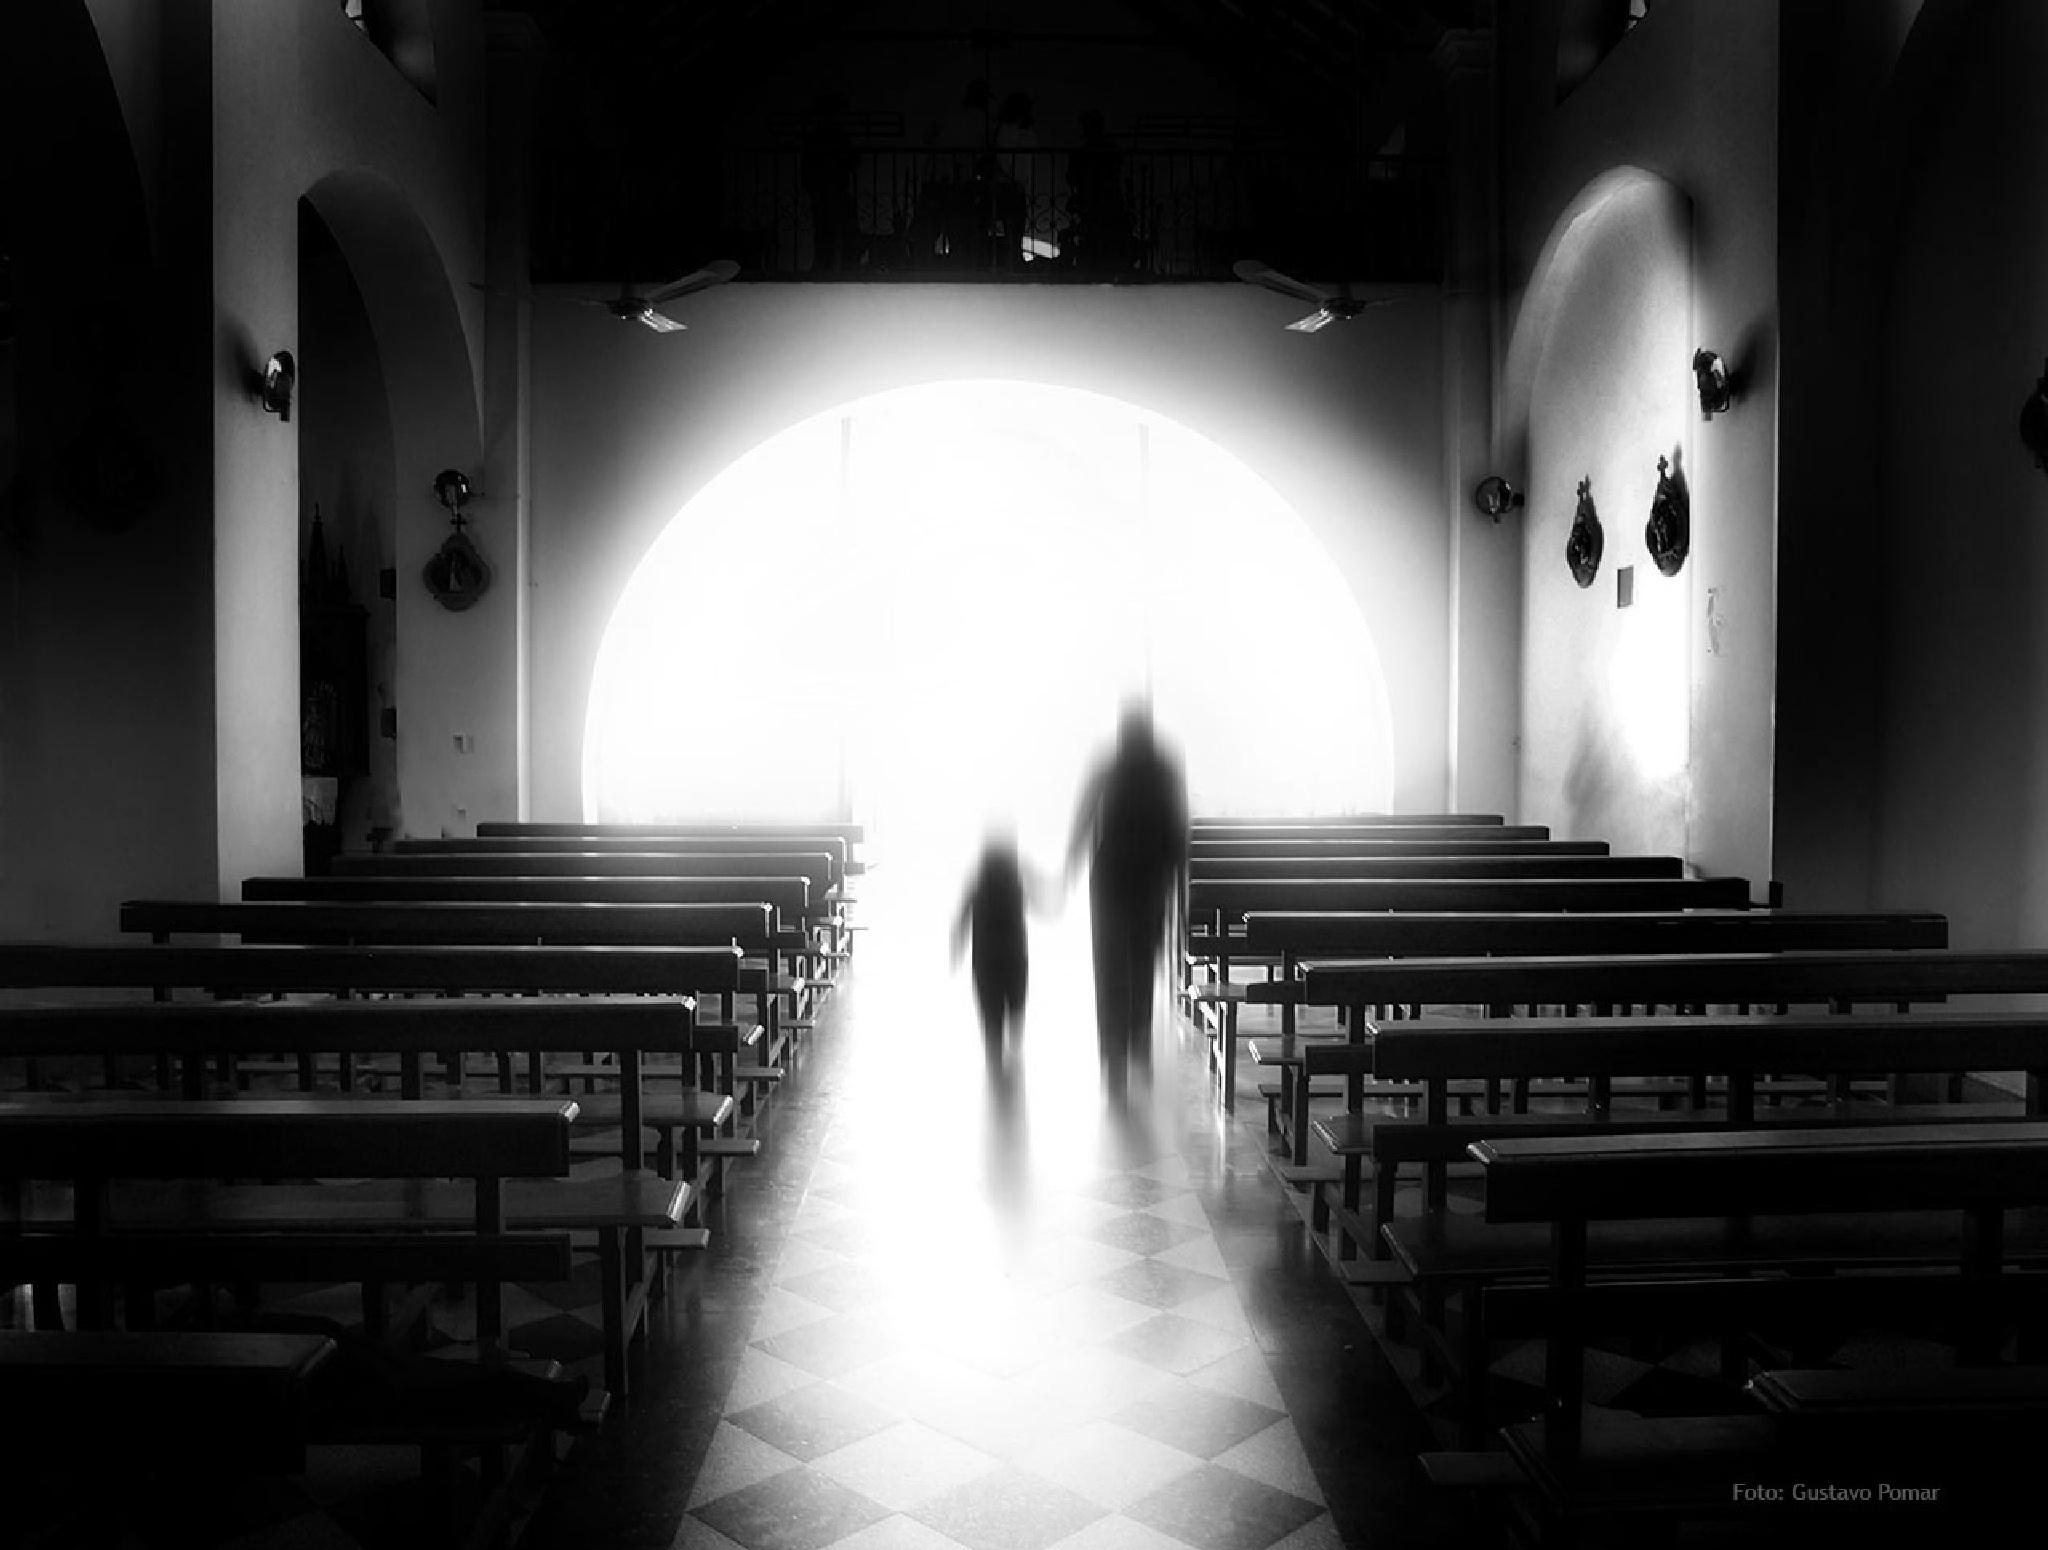 En busca de la luz by GustavoPomar